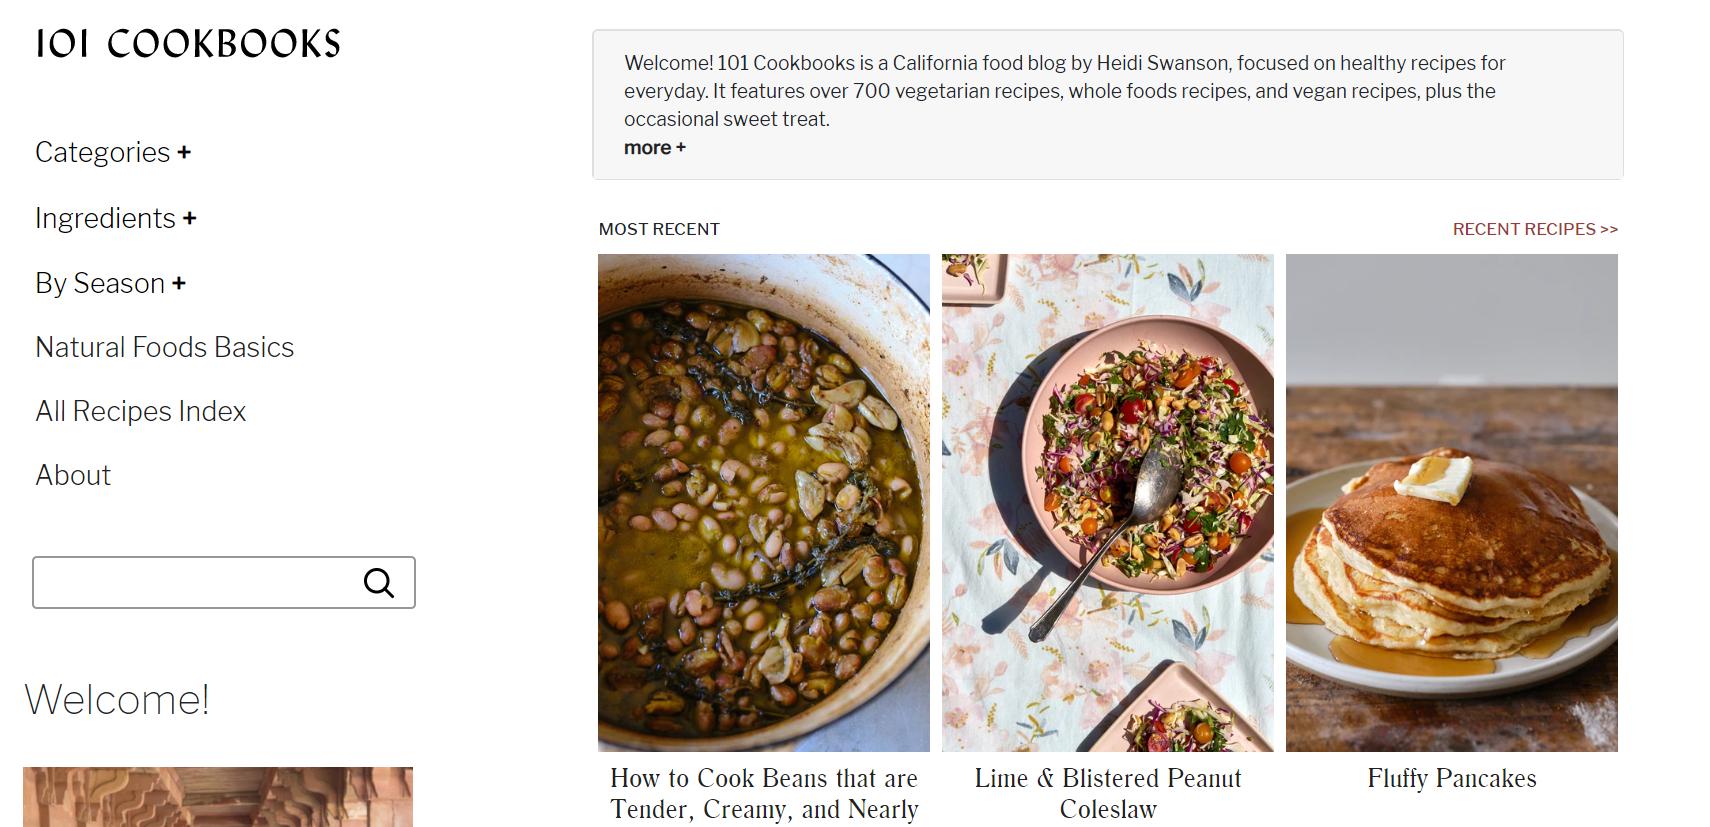 101 cookbooks